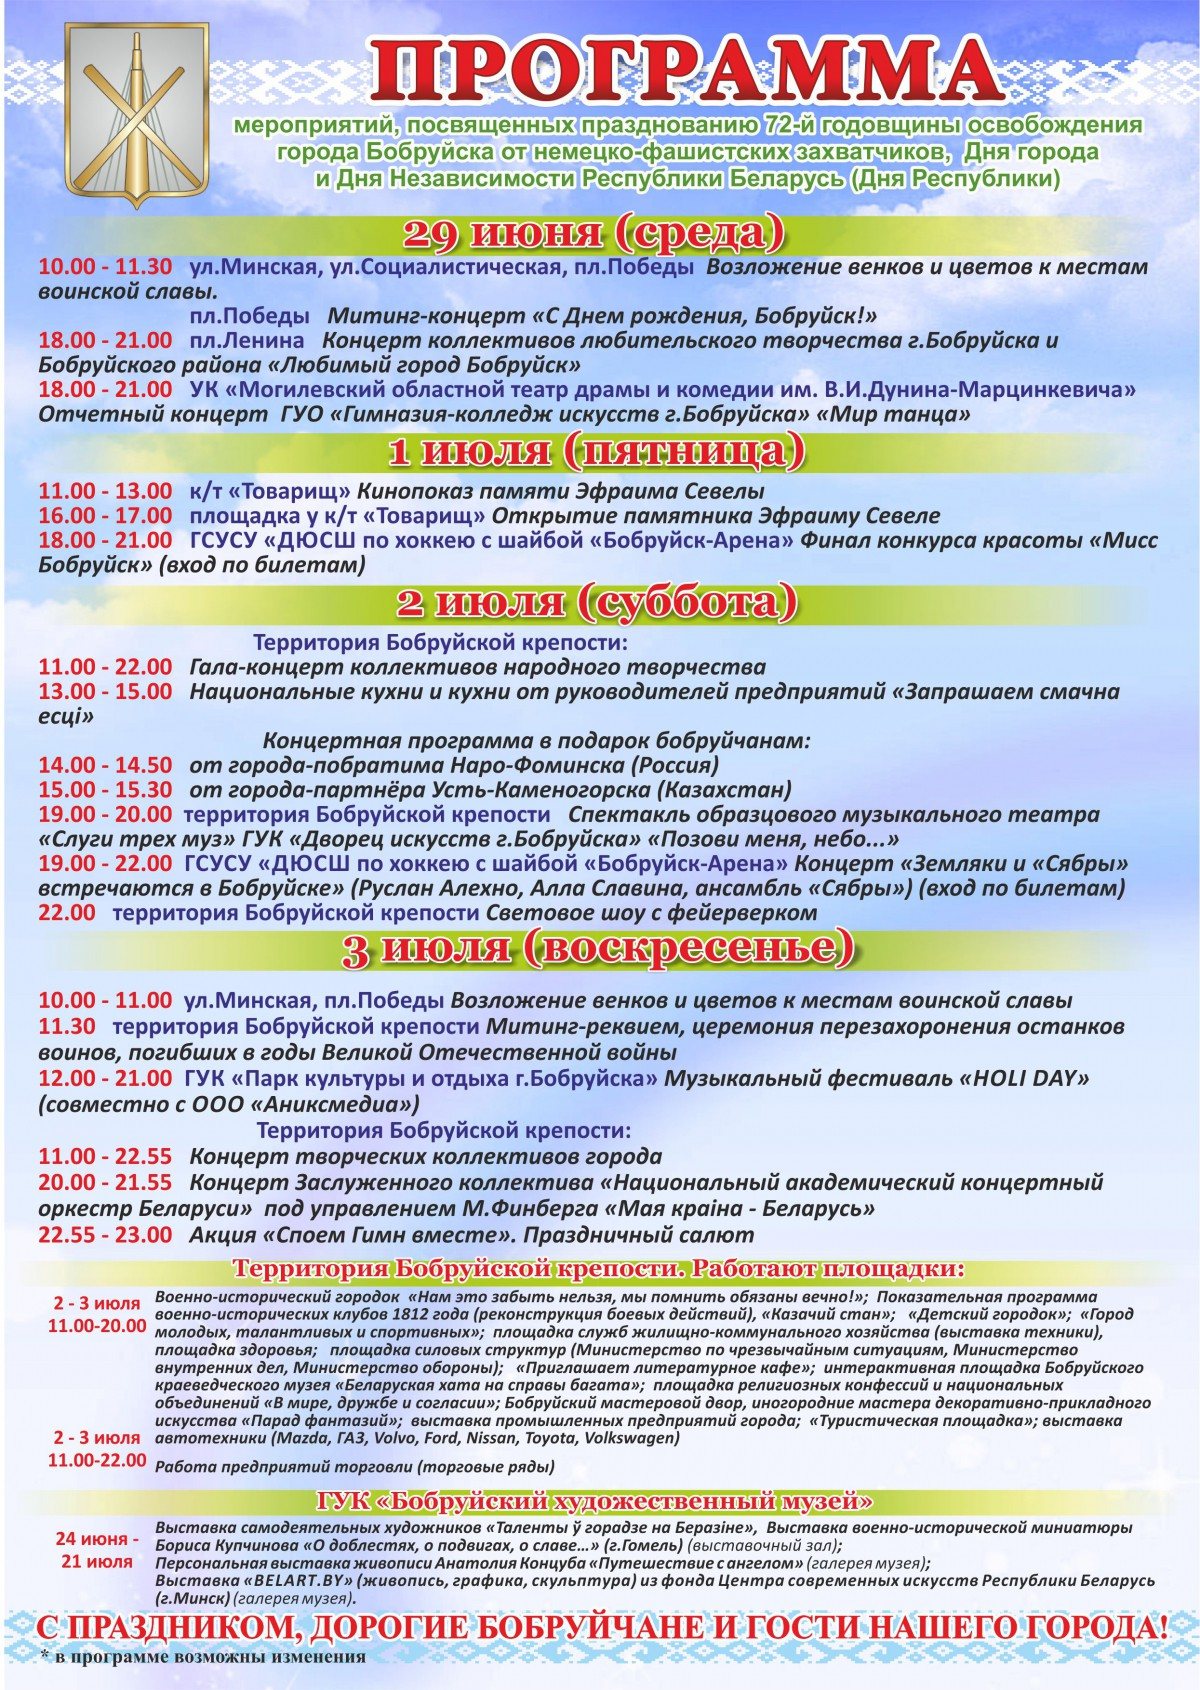 29 июня в Бобруйске стартуют праздничные мероприятия, приуроченные ко Дню города и Дню Республики